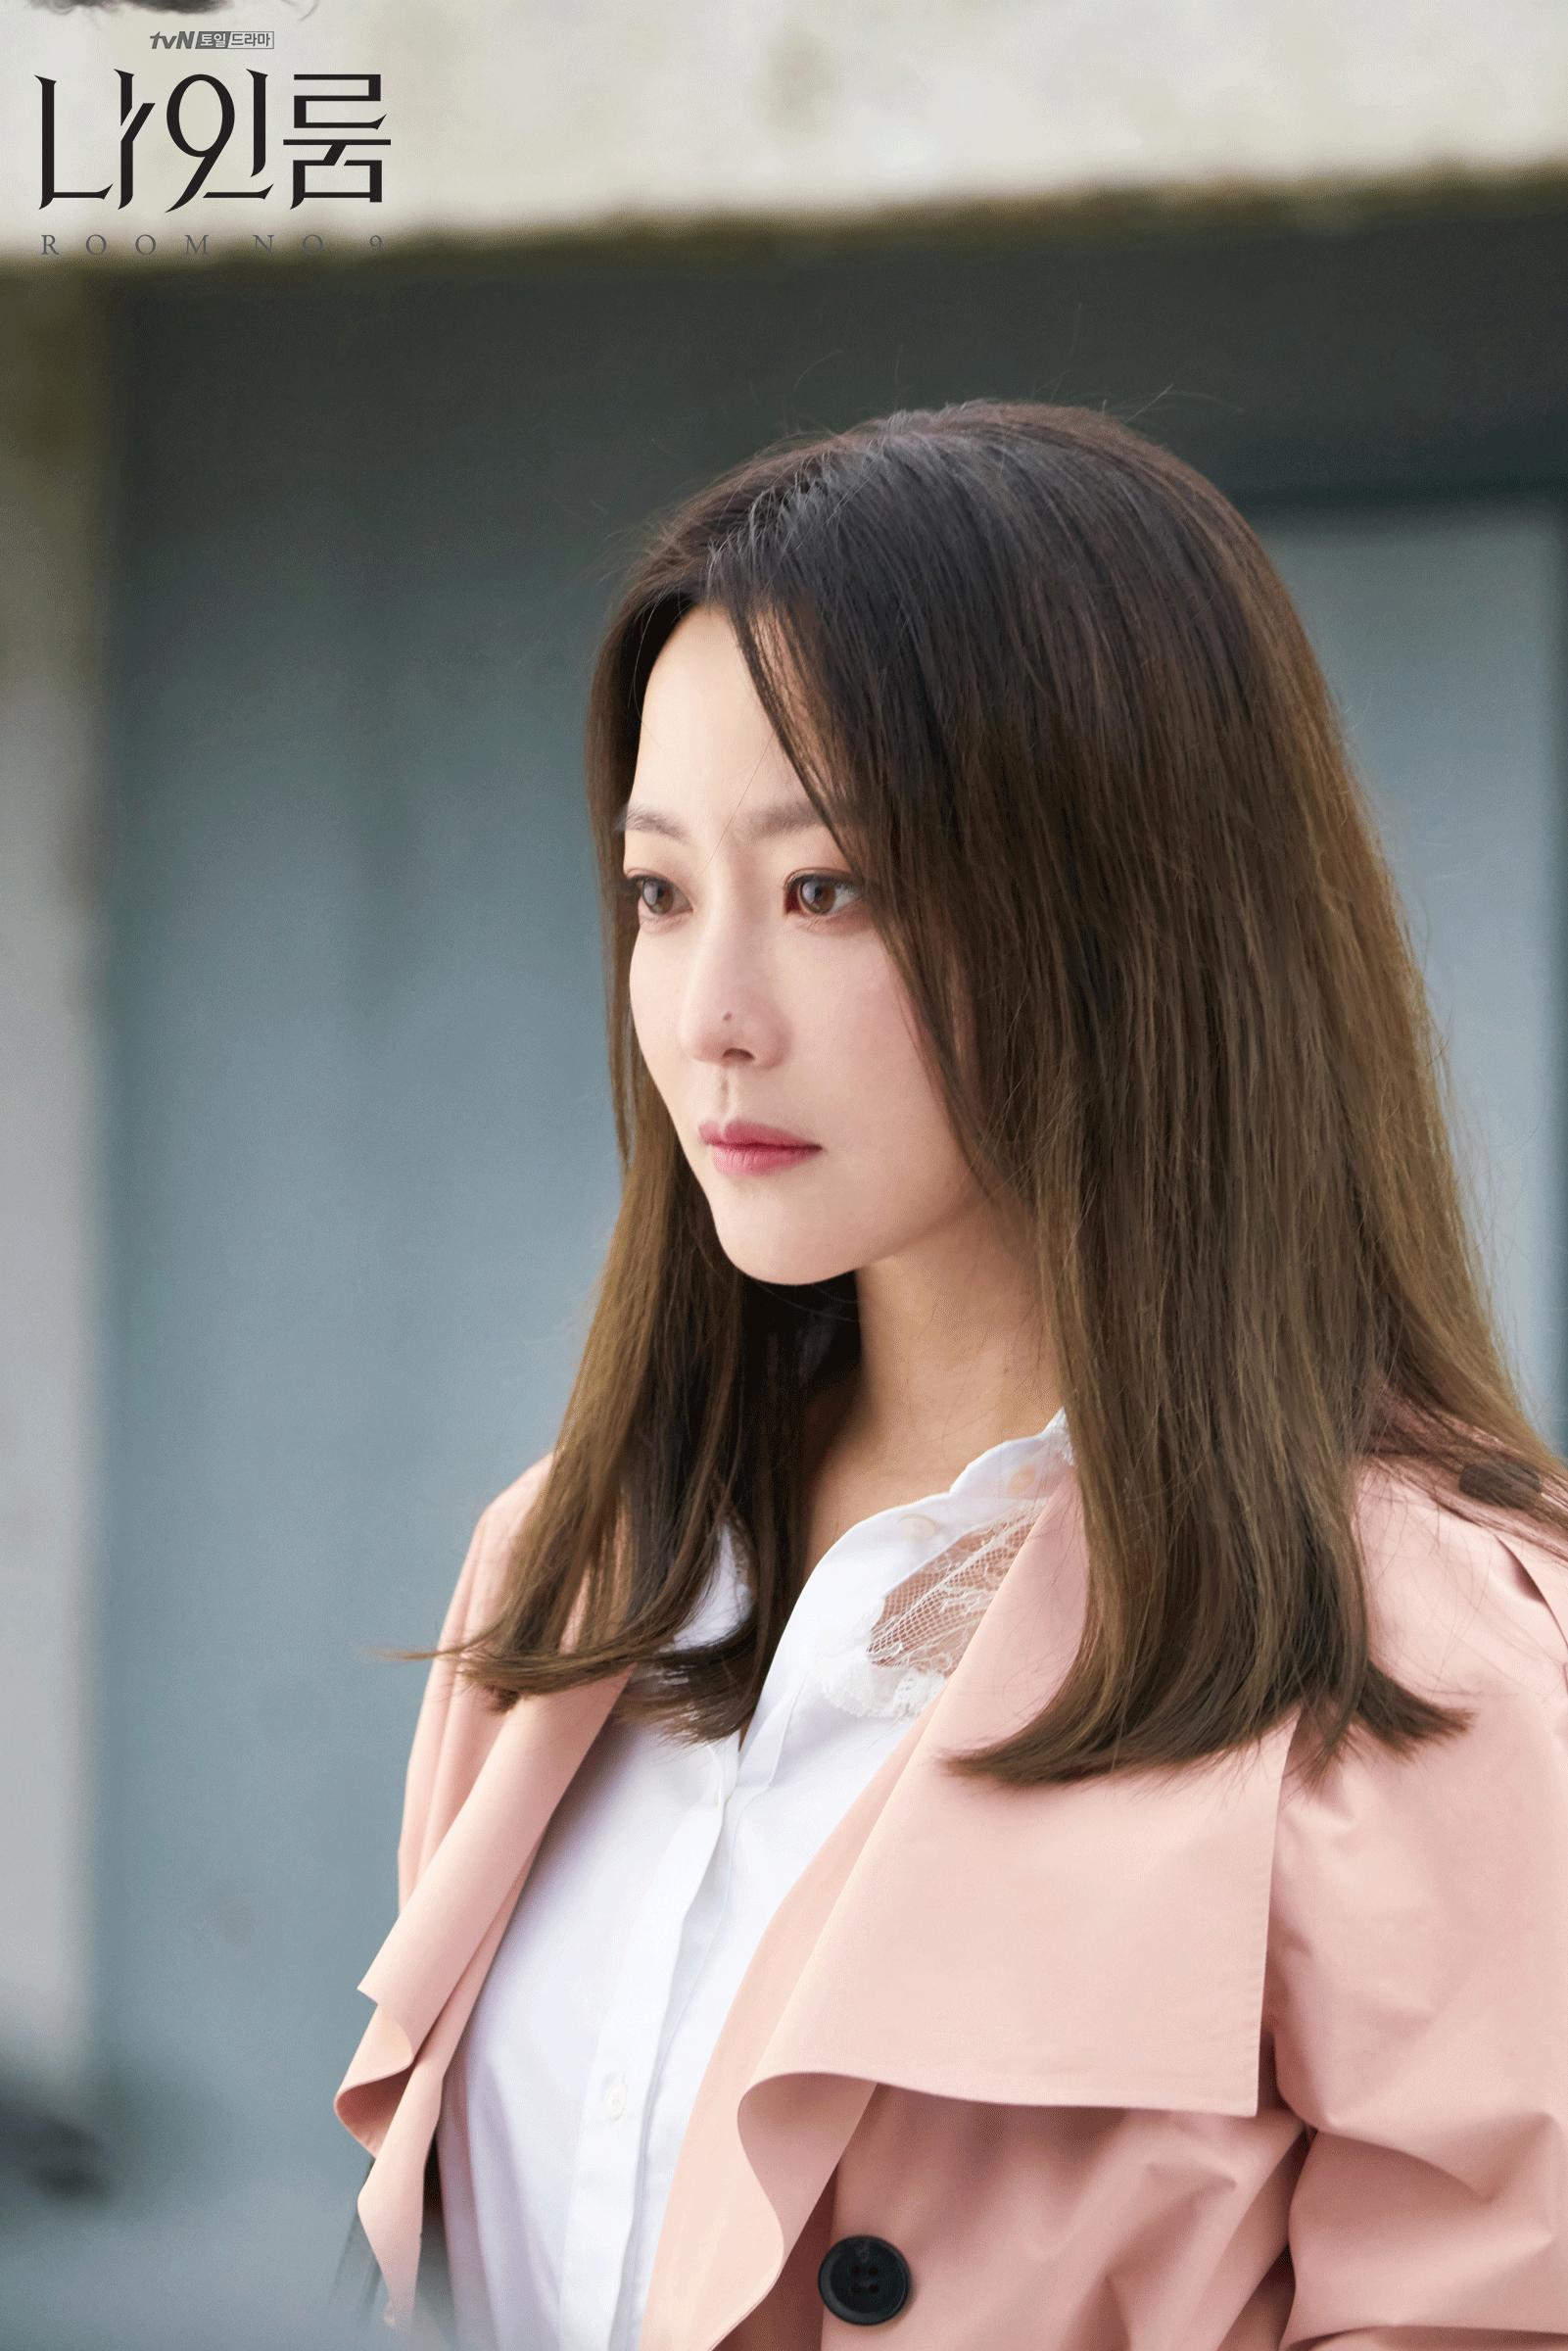 Room No. 9 của Kim Hee Sun: Đâu là sự chịu đựng khủng khiếp nhất mà một người có thể gặp phải? - Ảnh 6.